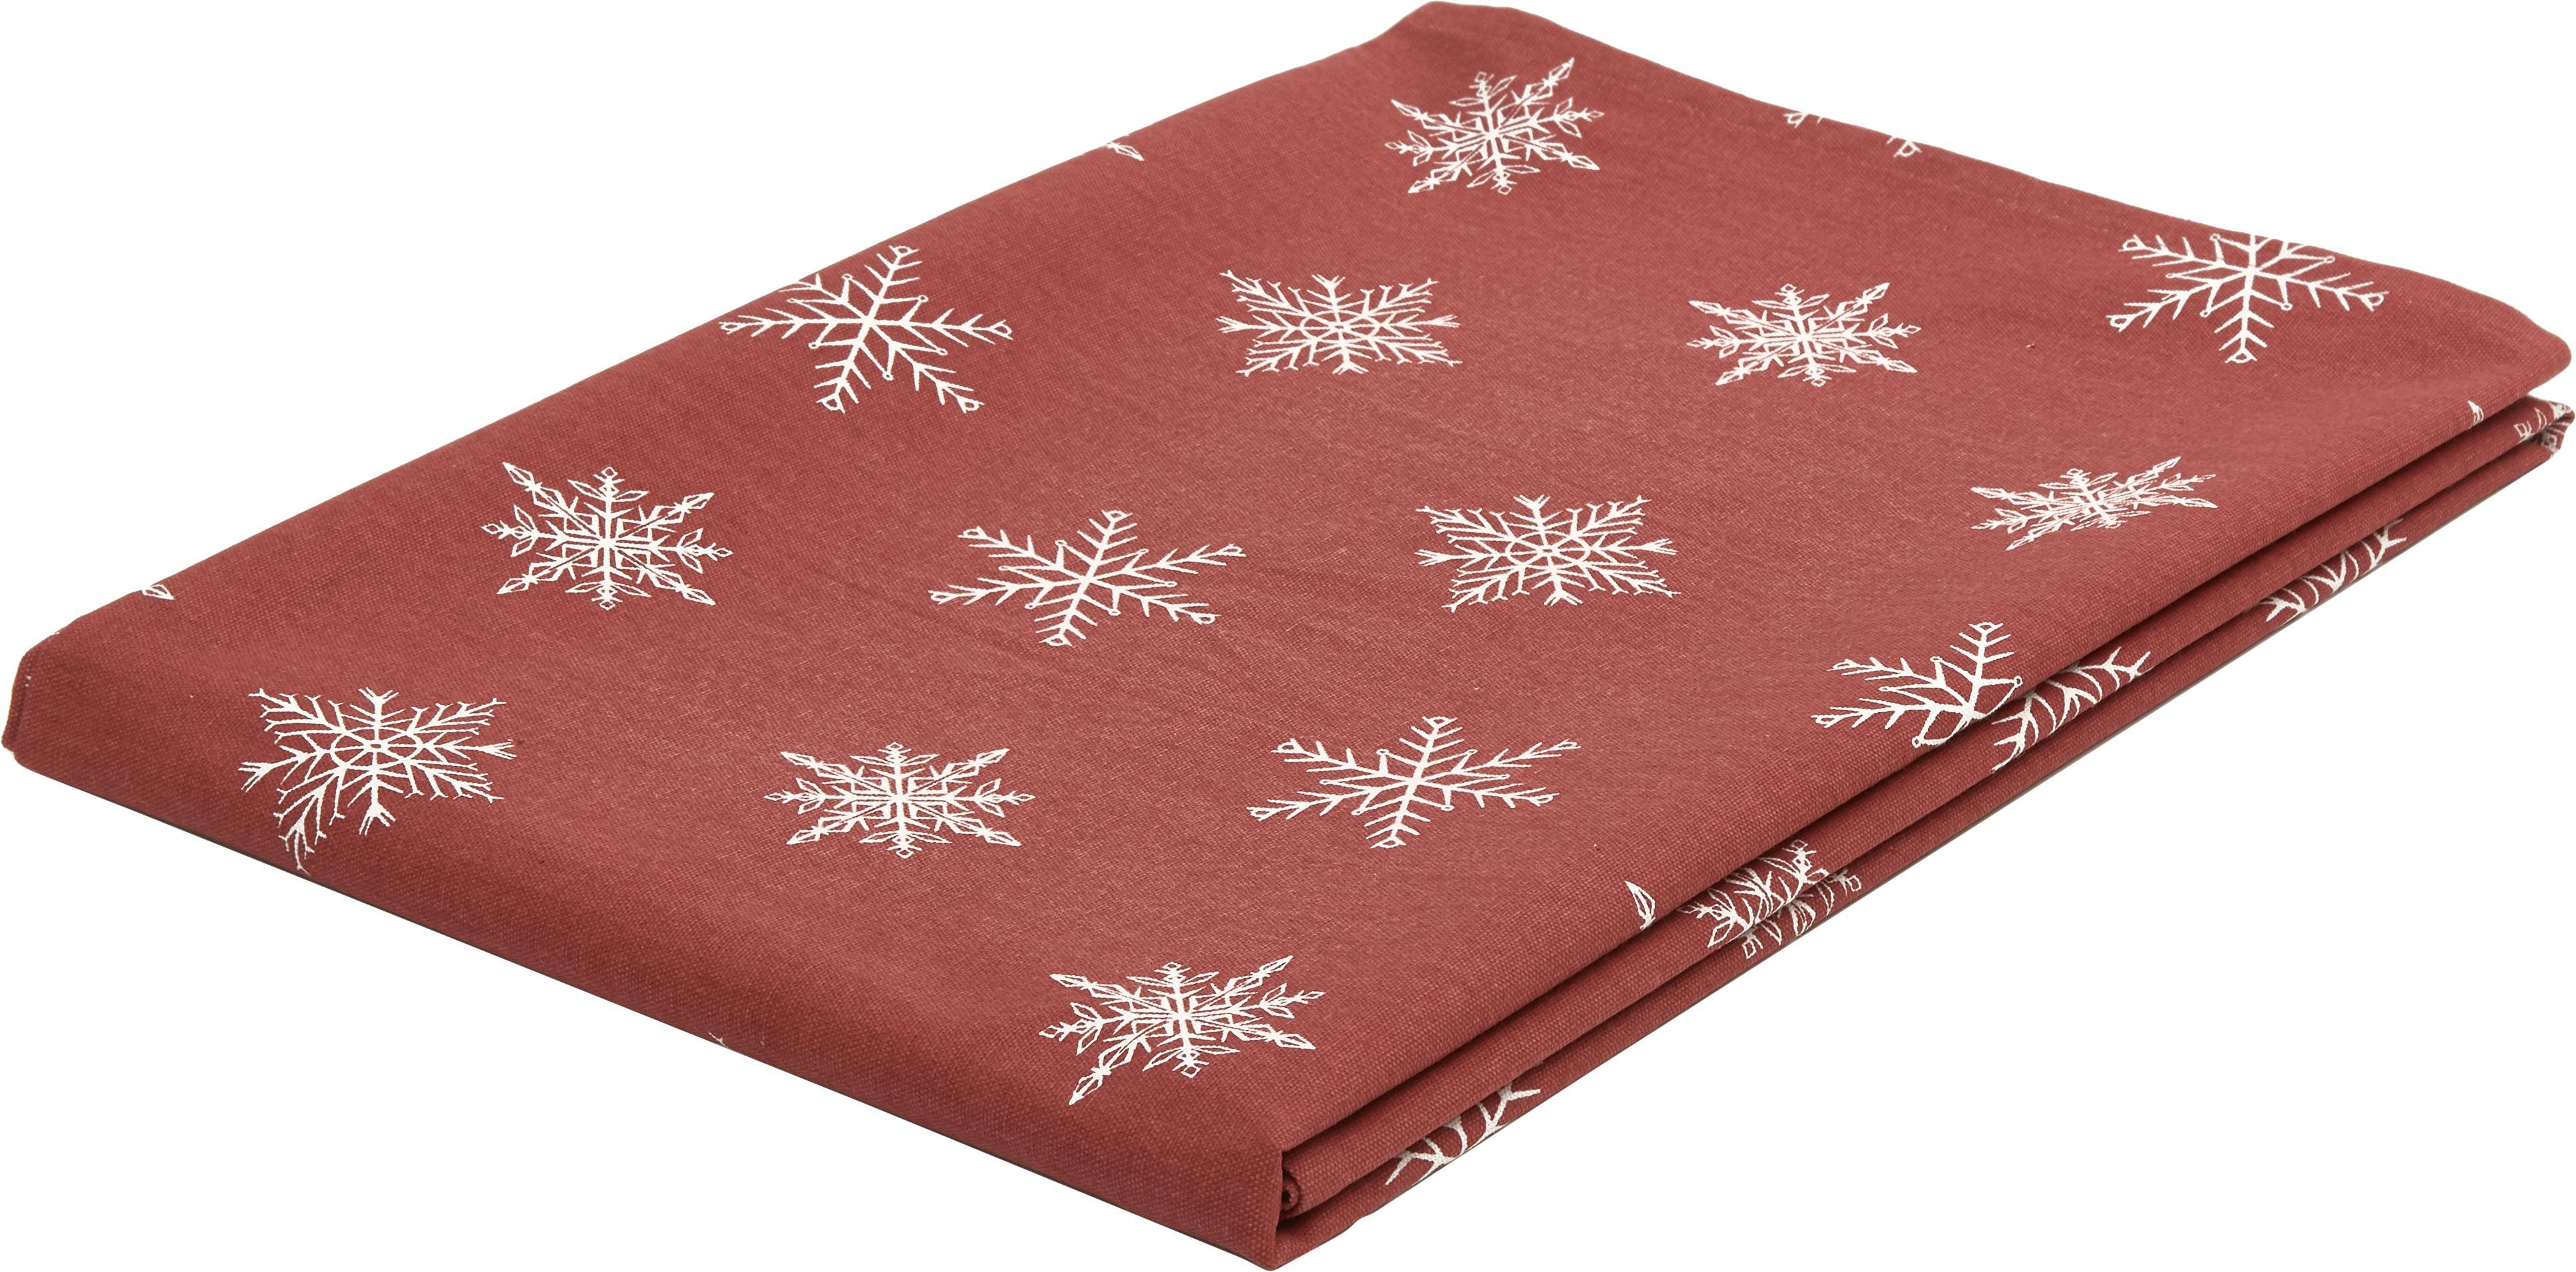 Tovaglia Snow, 100% cotone da coltivazione sostenibile, Rosso, bianco, Larg. 145 x Lung. 200 cm